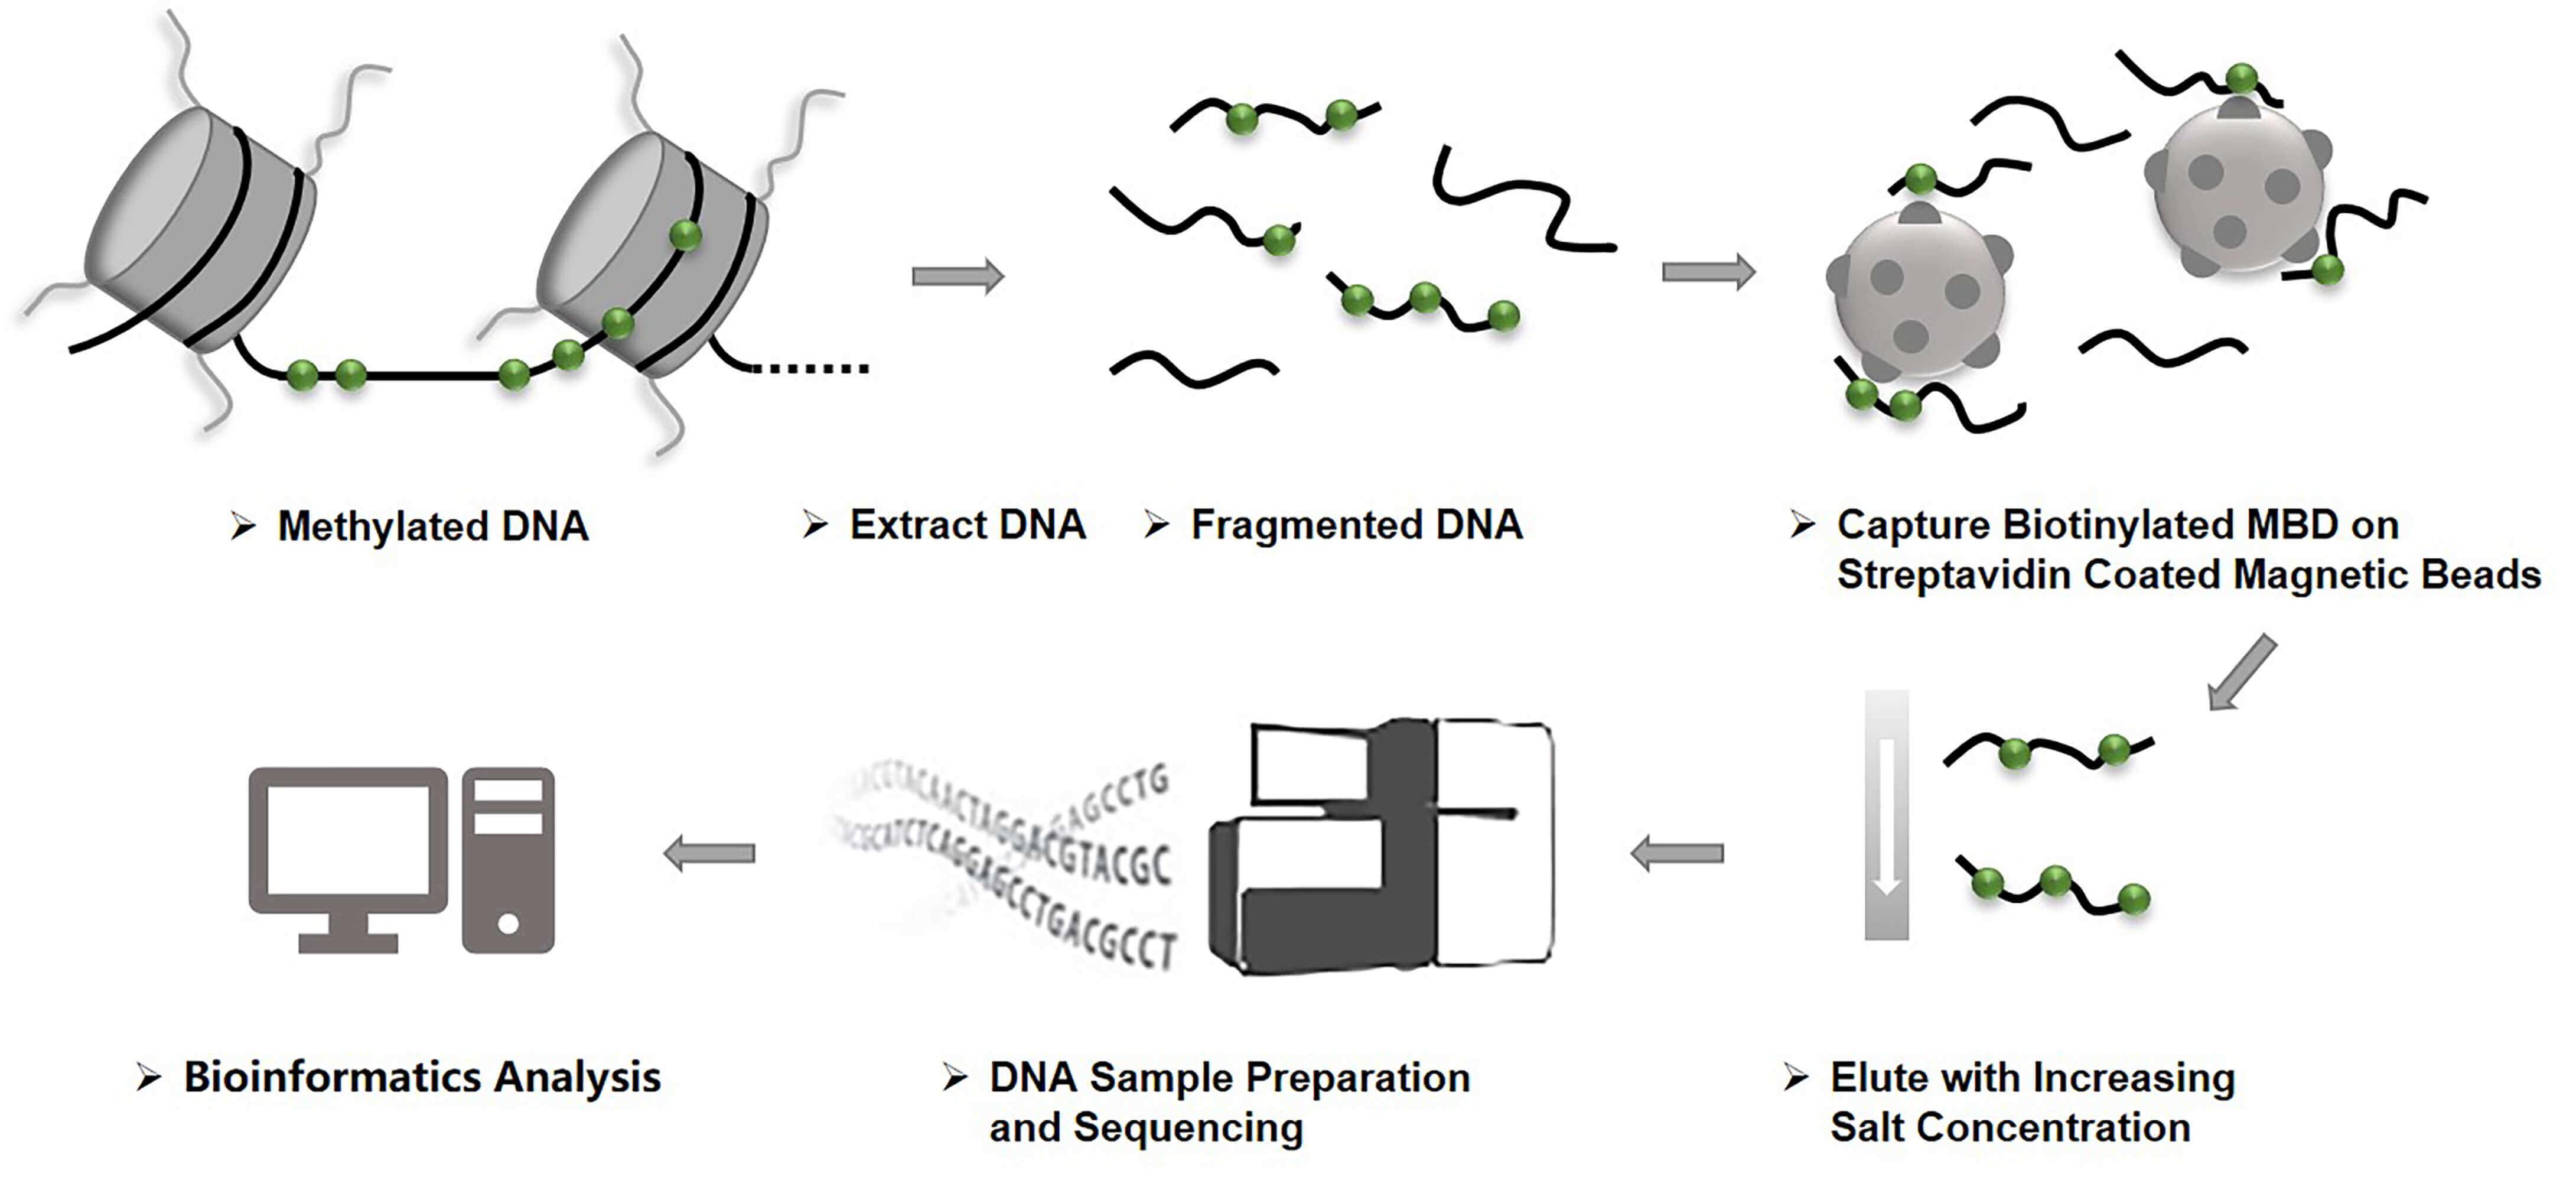 Workflow of Methyl-CpG-Binding Domain Sequencing (MBD-Seq)